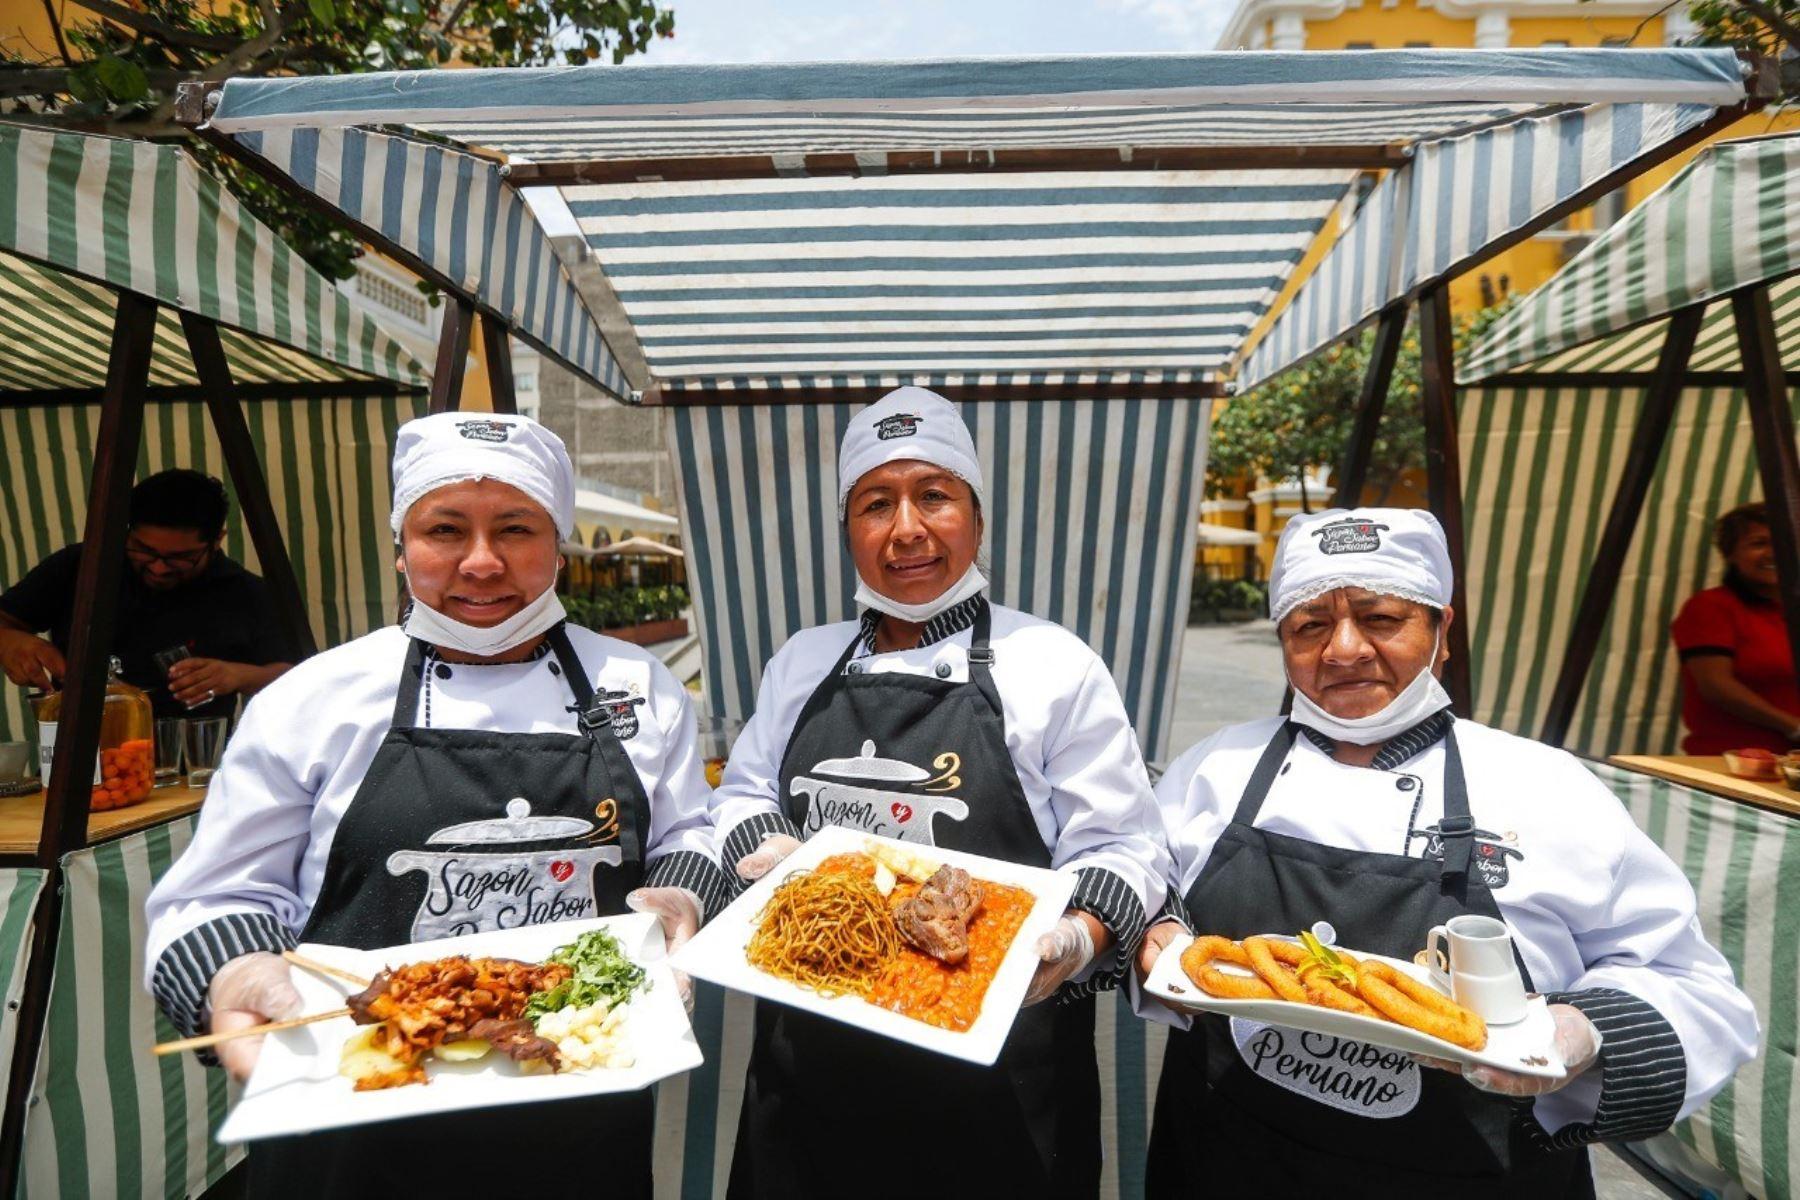 Aniversario de Lima: público disfrutará de comida criolla y dulces limeños. Foto: ANDINA/difusión.